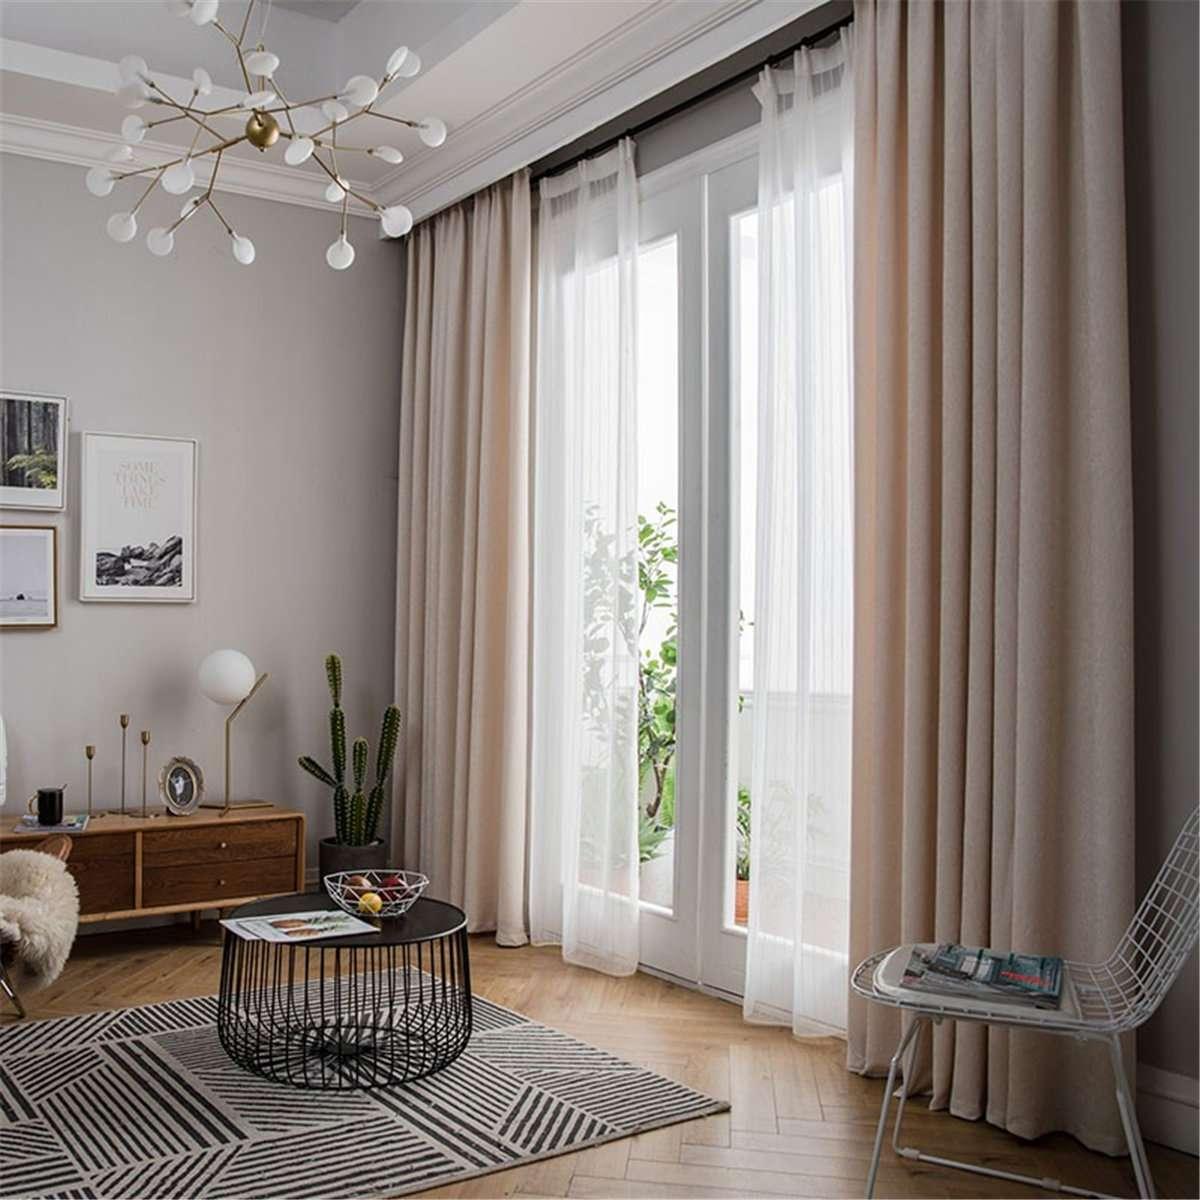 窗帘与室内装修色调的搭配技巧